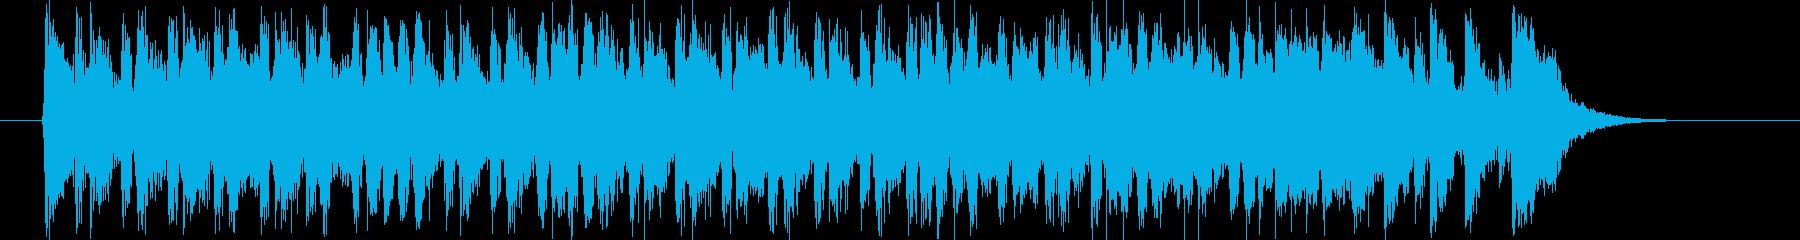 明るくドキドキ感のシンセギターサウンドの再生済みの波形